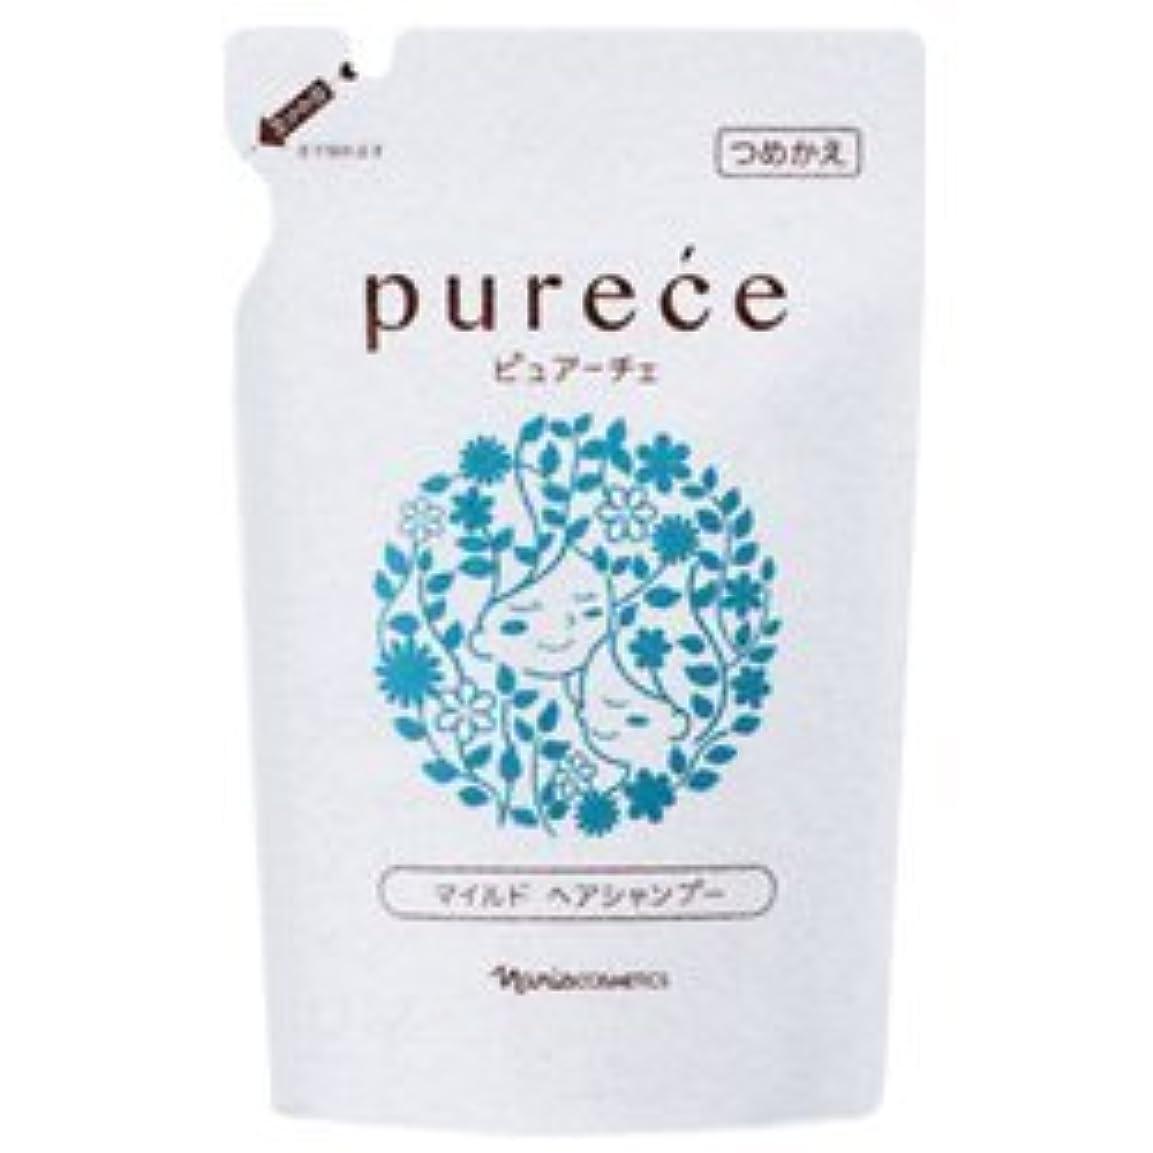 ダルセット対立検索ナリス化粧品 ピュアーチェ(PURECE) マイルドヘアシャンプーLS カエ 450ml [レフィル]